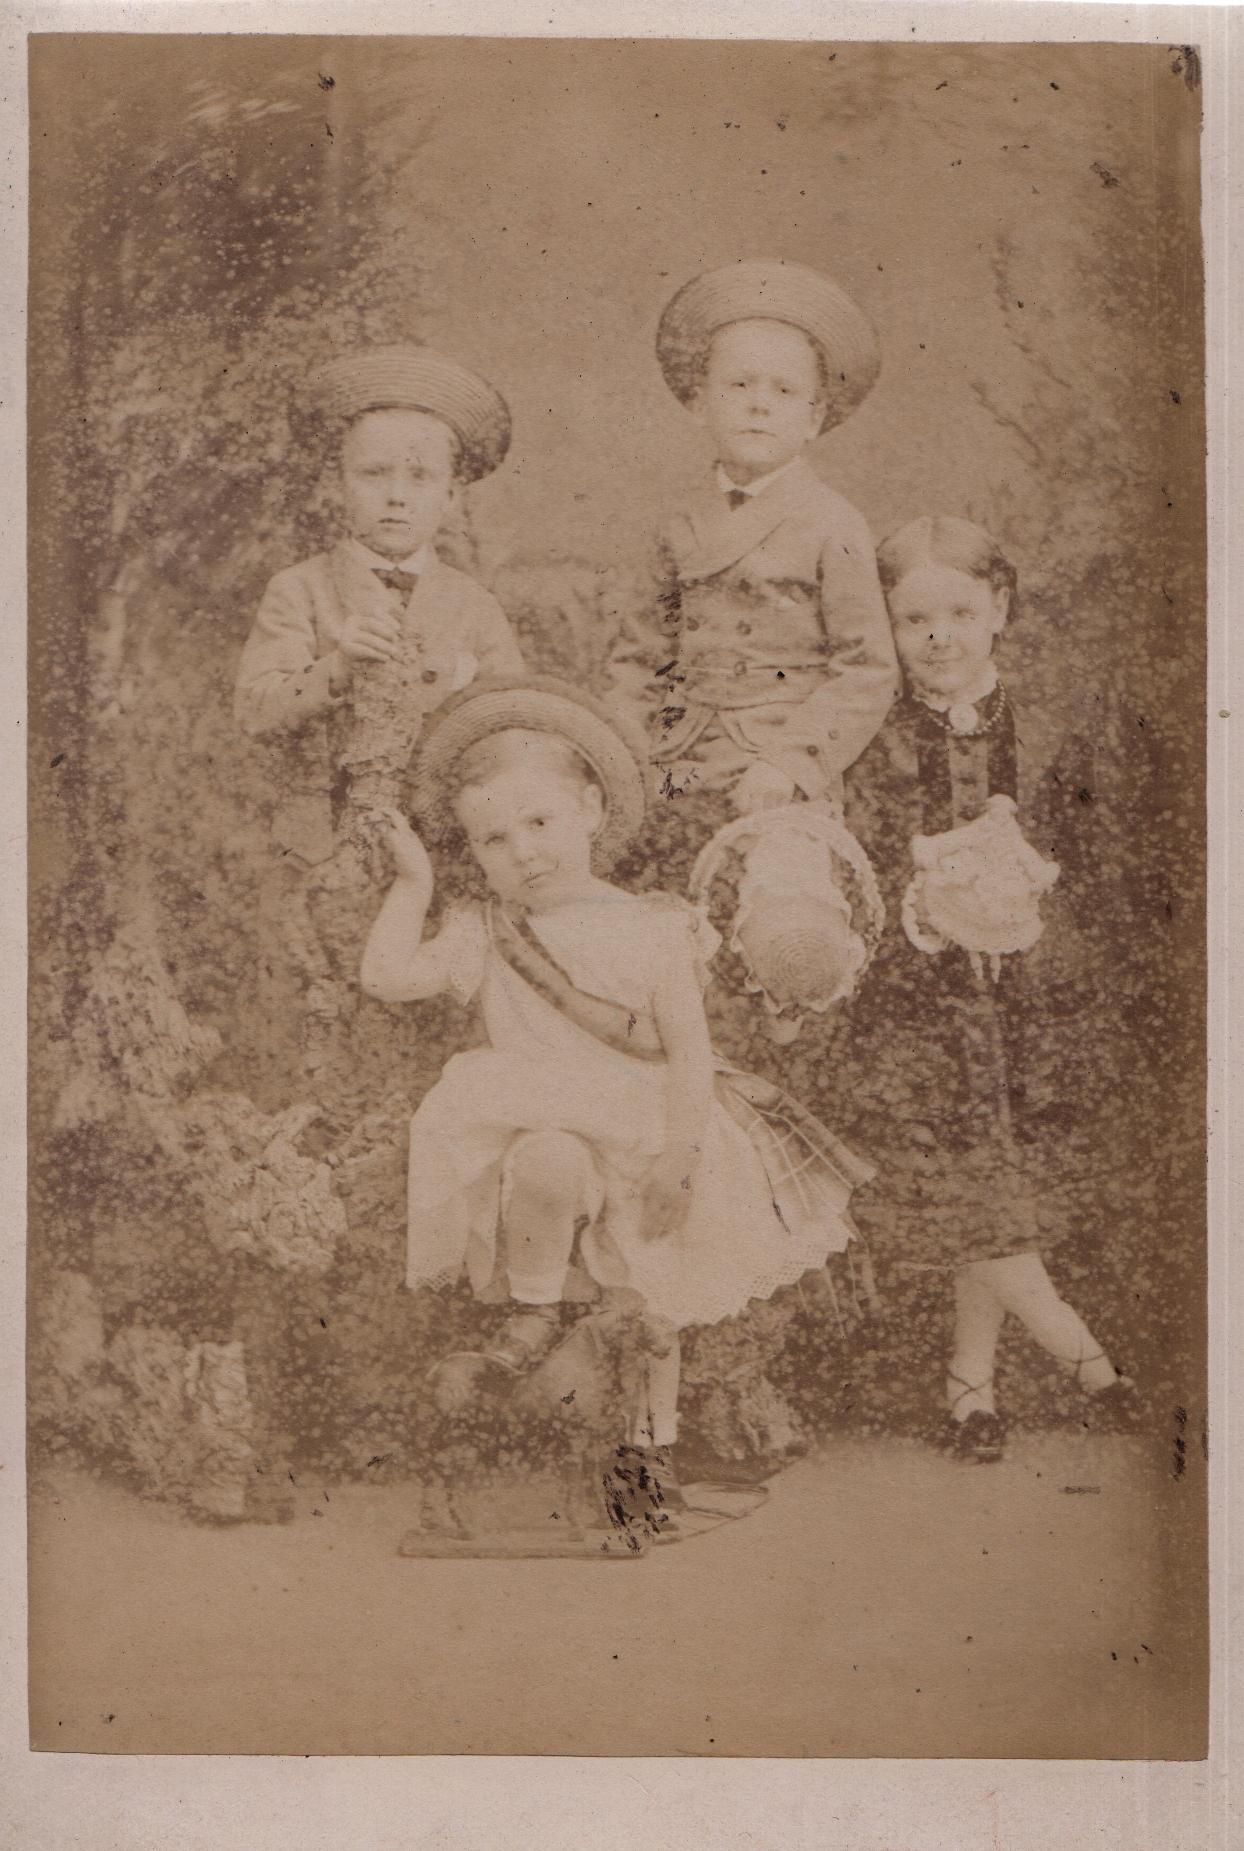 dated September 1878